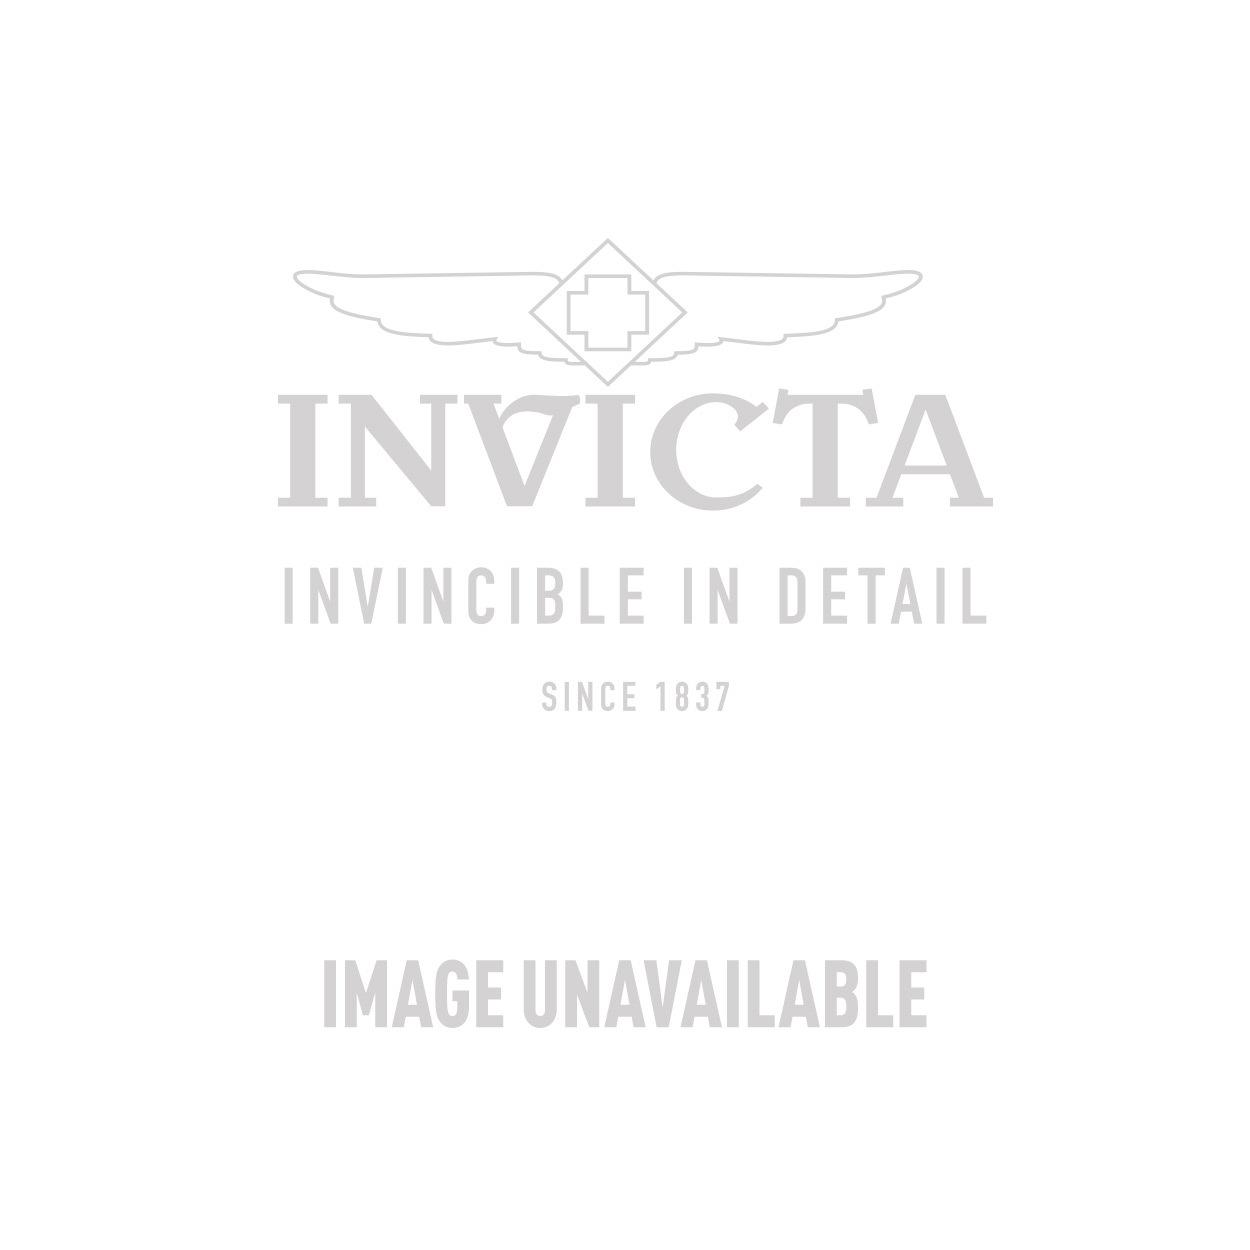 Invicta Model 24380